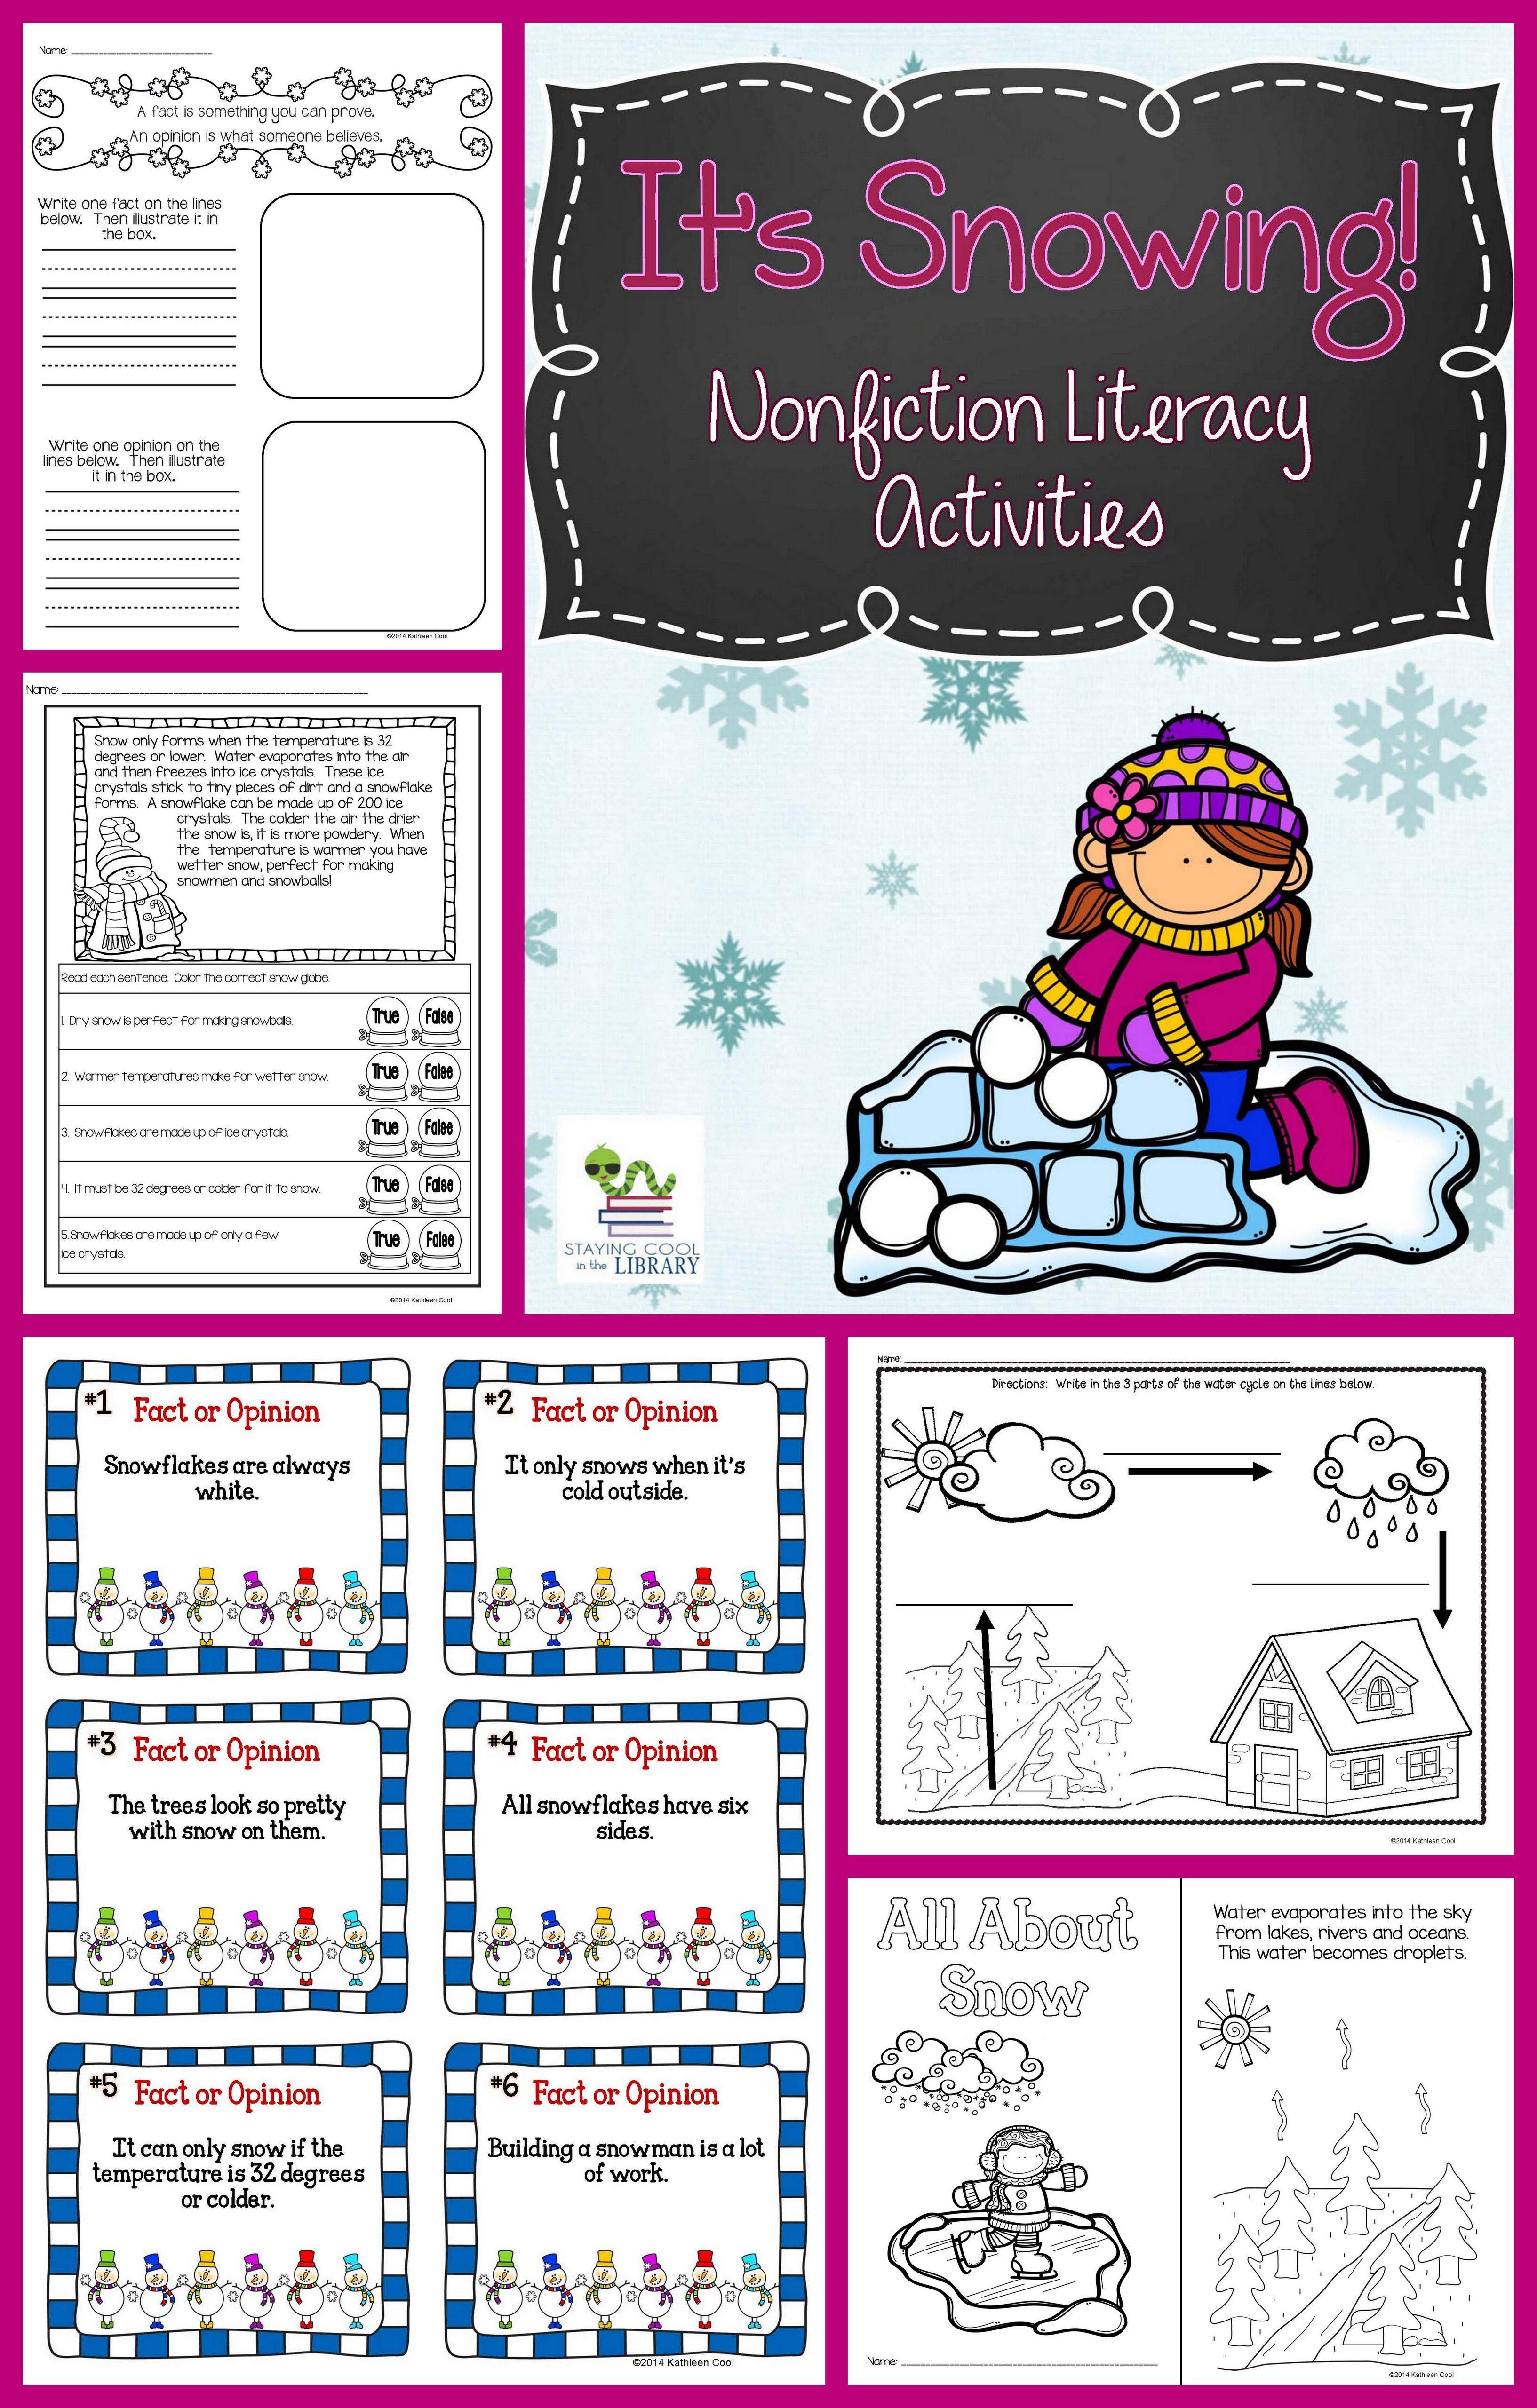 Snow Nonfiction Activity Pack